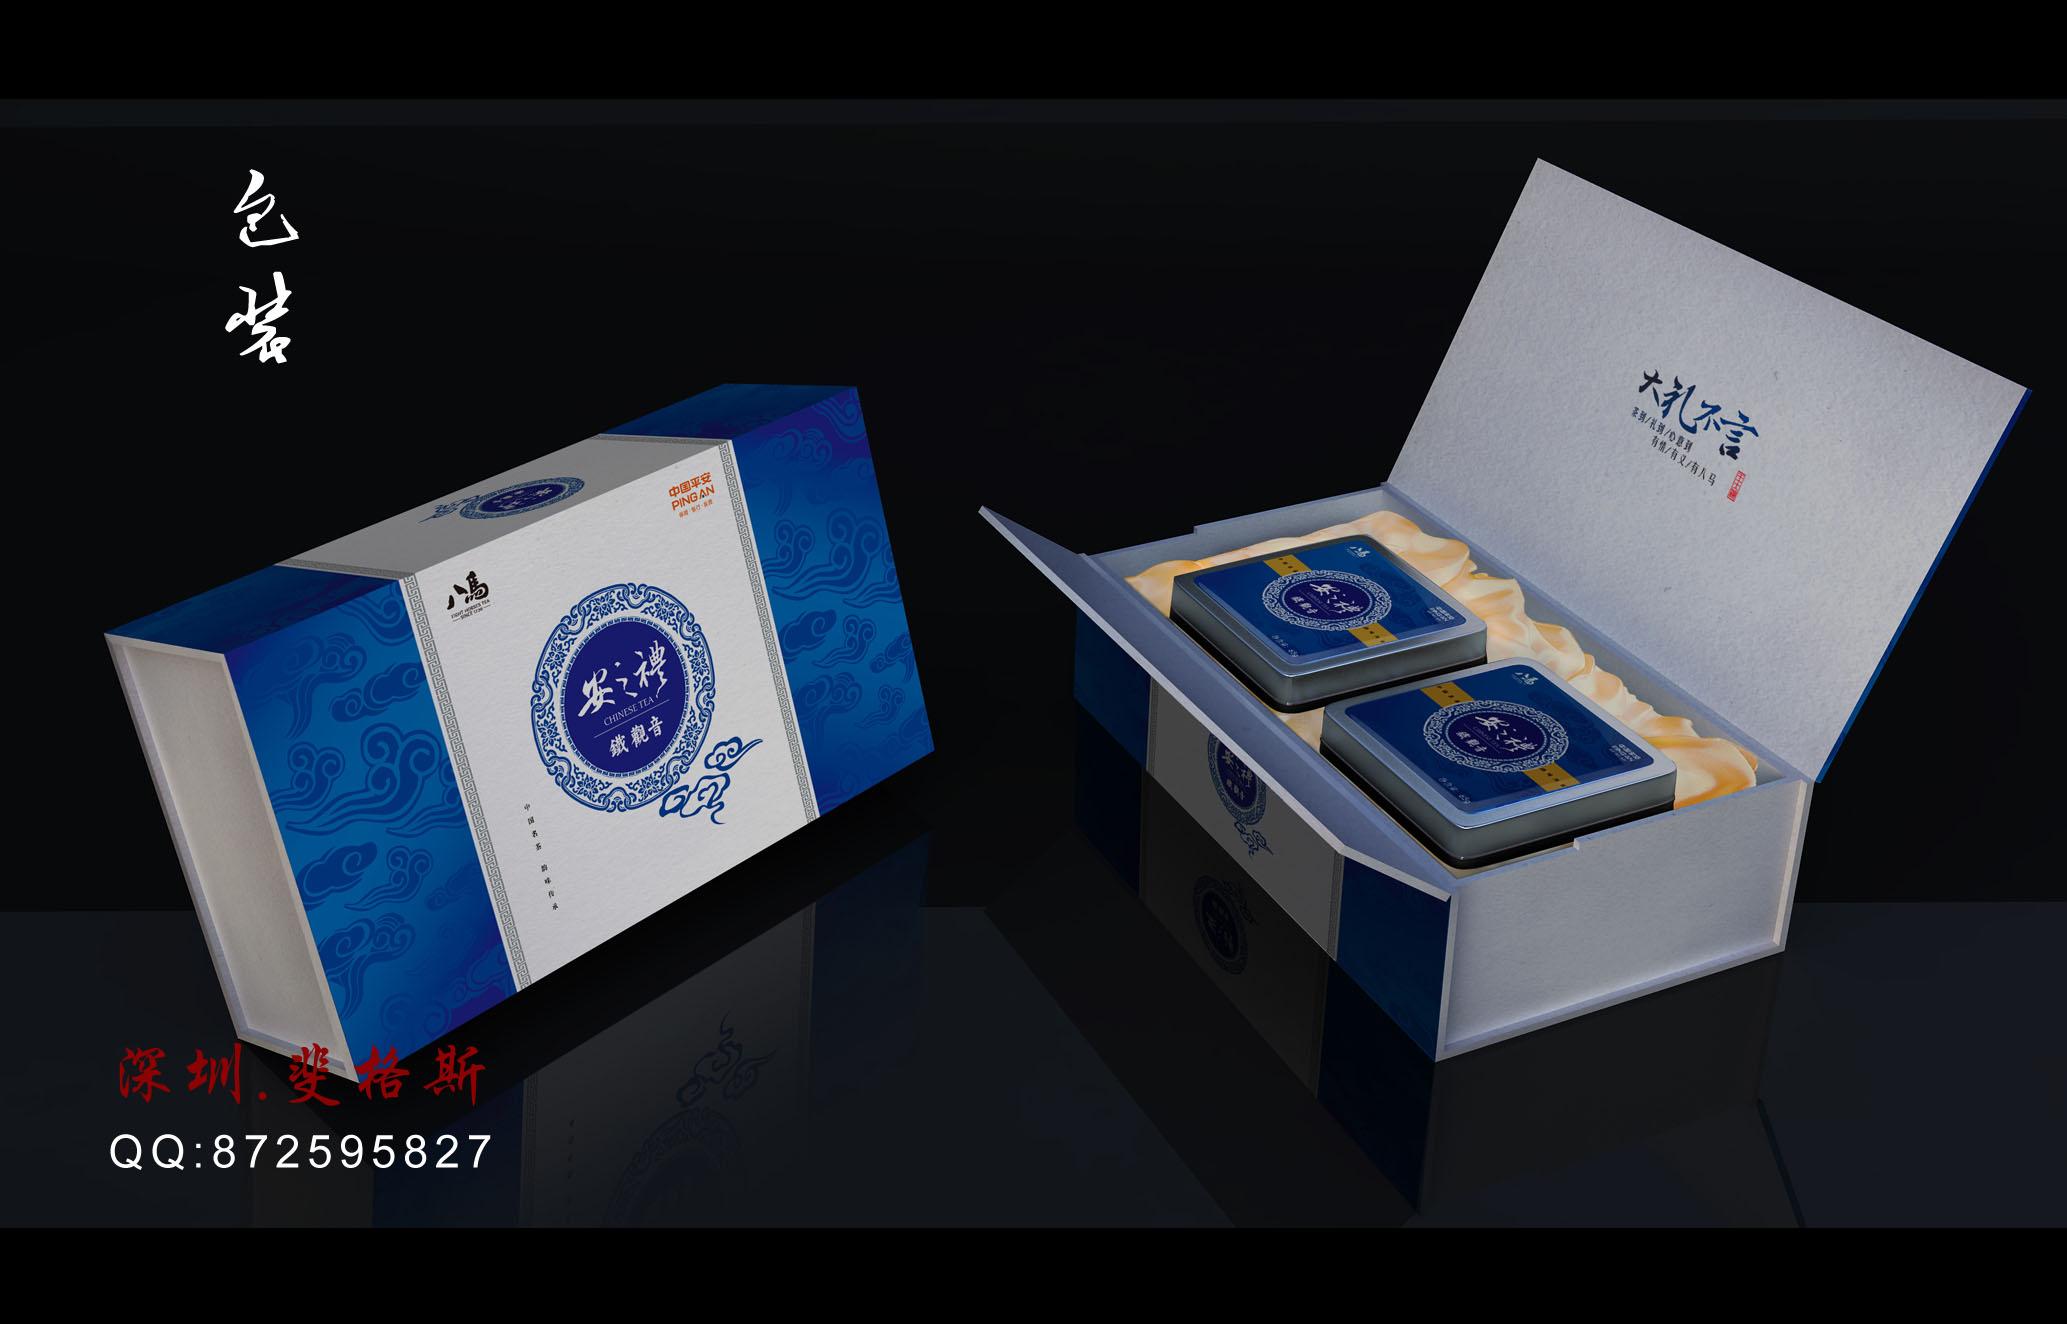 包装 包装设计 设计 2067_1324图片